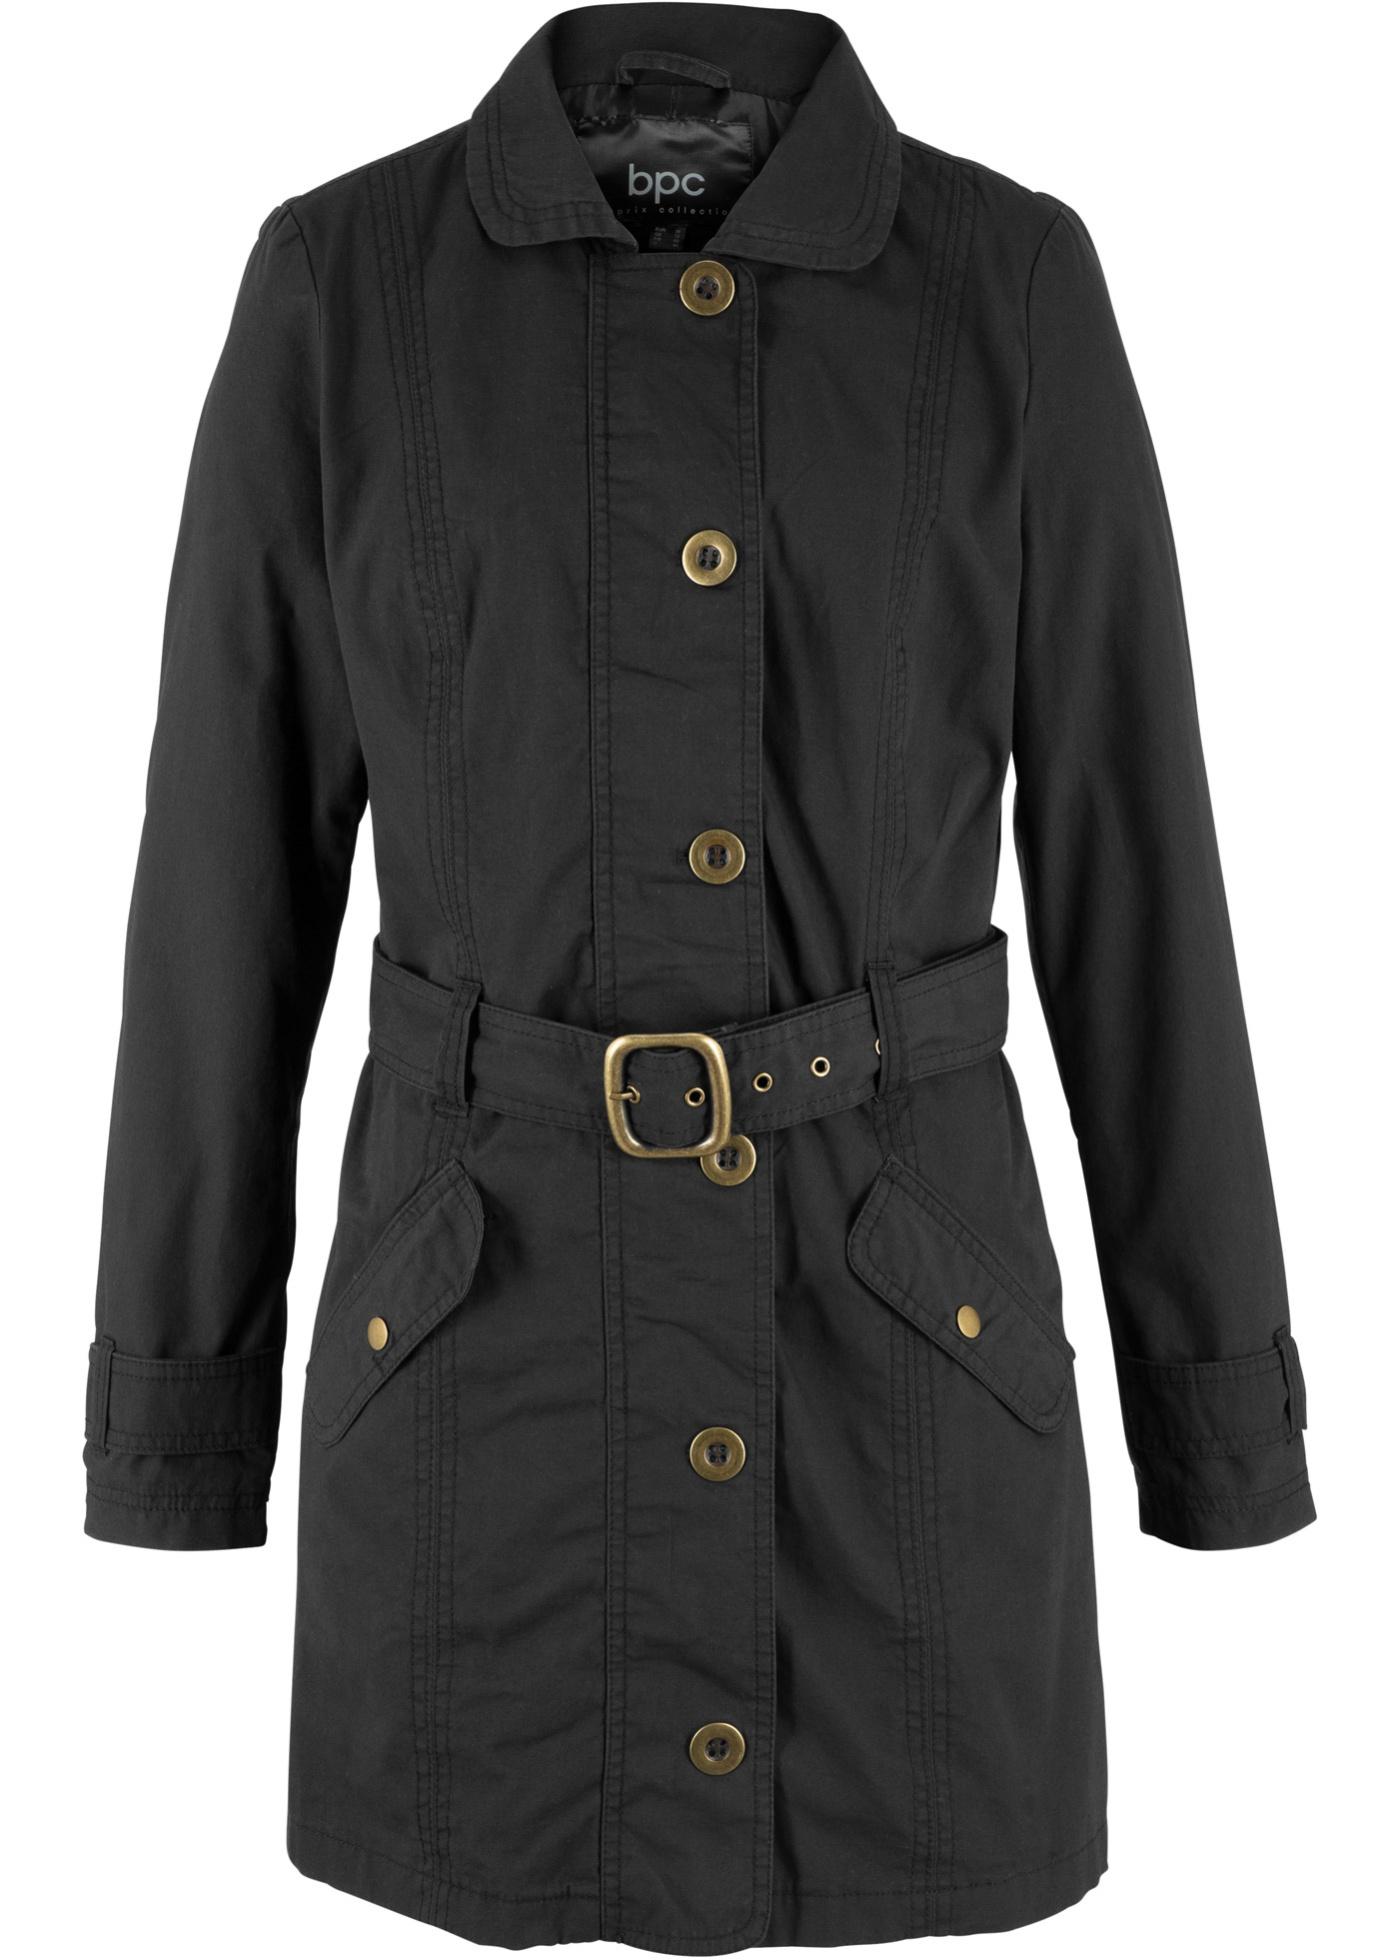 Femme Bonprix coat Noir Manches Pour Bpc Longues CollectionTrench TlcKJ1F